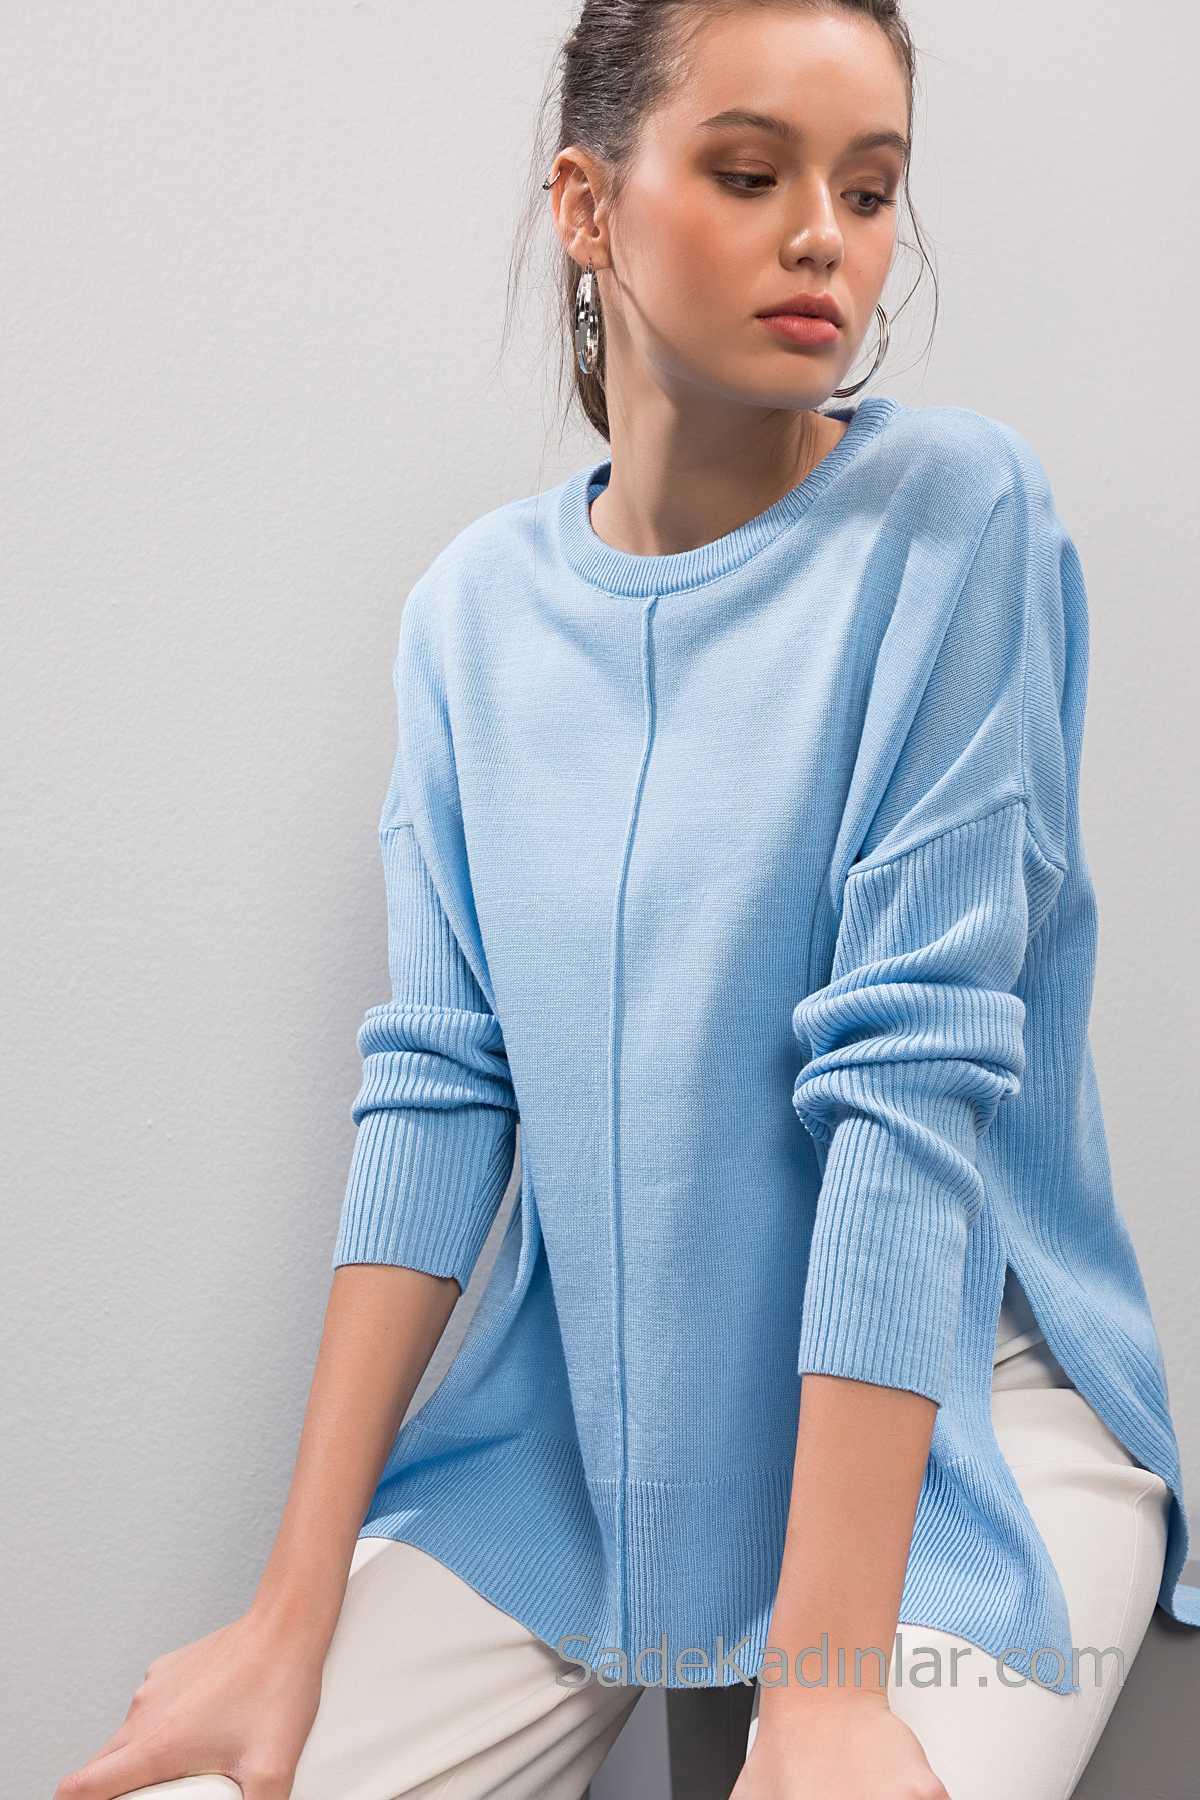 2019 Modası Kazak Modelleri